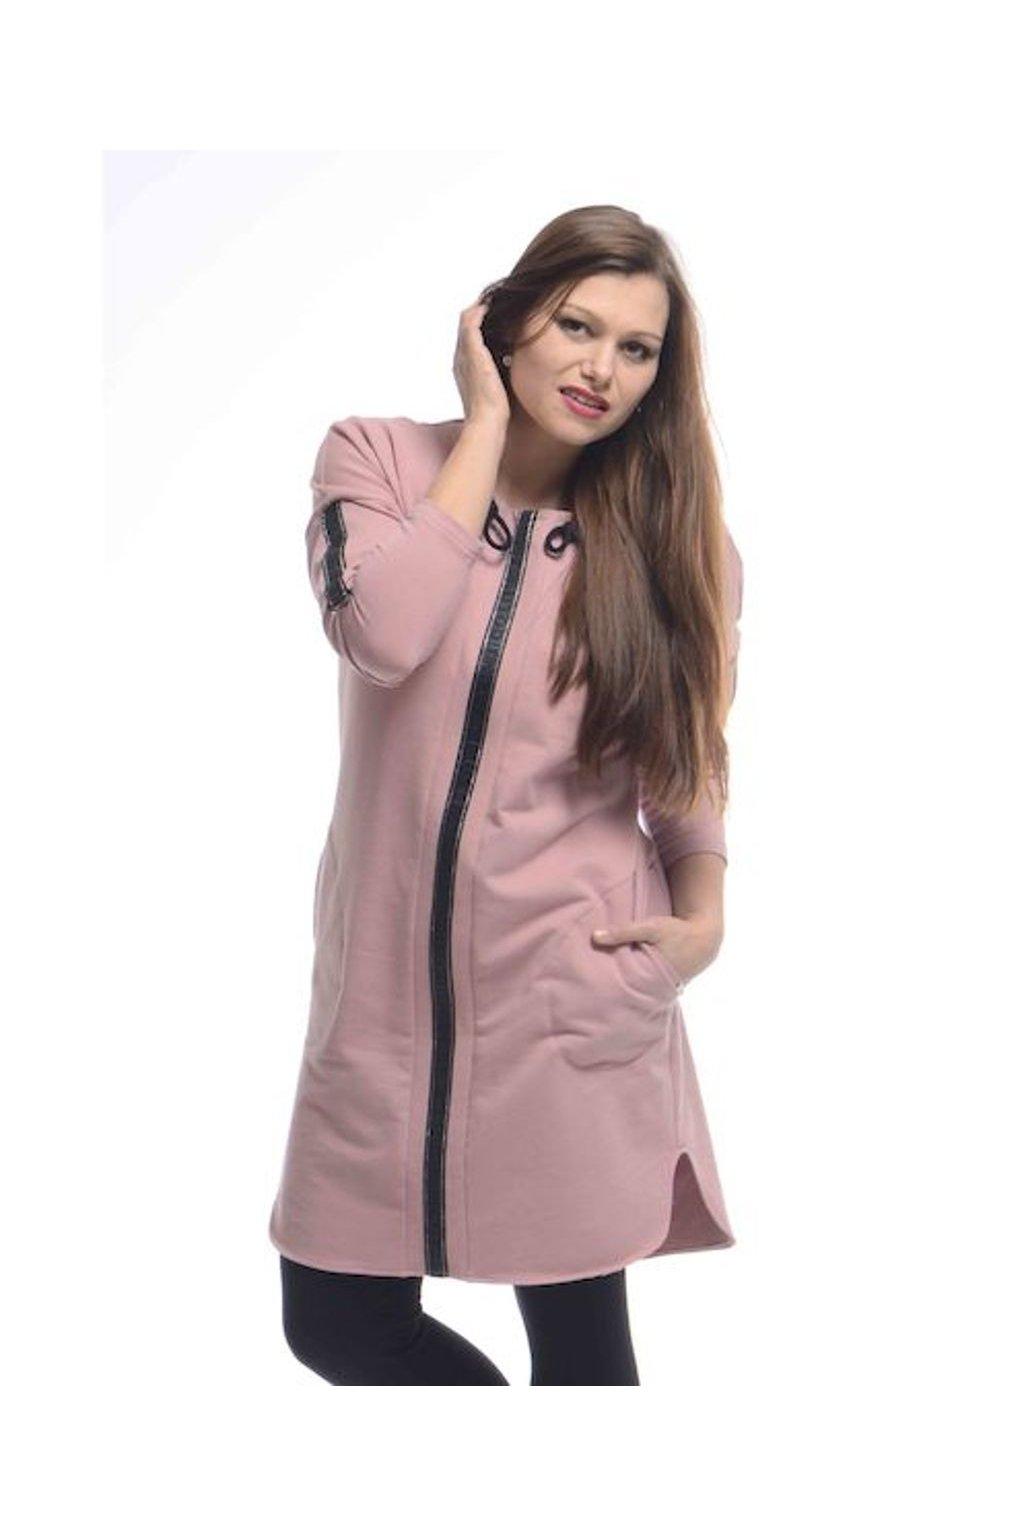 0821 Šaty Kima (Velikost 36, Barva Růžová)